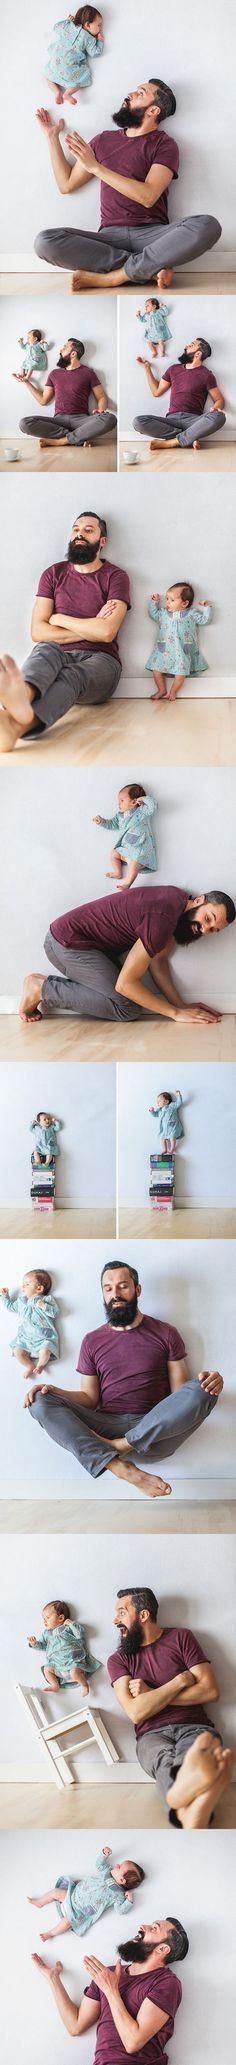 A mãe capturou as imagens colocando a bebê  no colchão com seu pai e adereços adoráveis. A mãe tirou as fotos de cima com algumas pausas quando precisava de um cochilo.